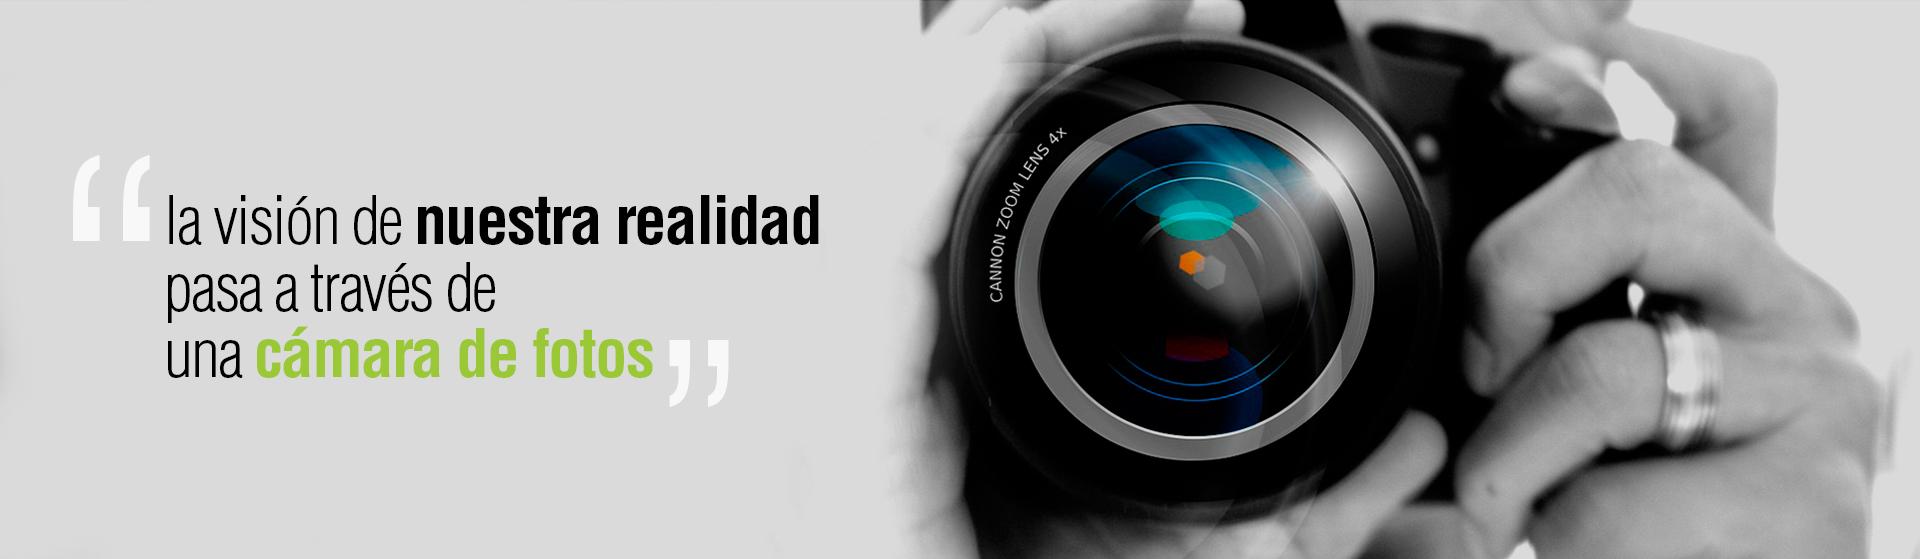 La visión de nuestra realidad pasa a través de una cámara de fotos